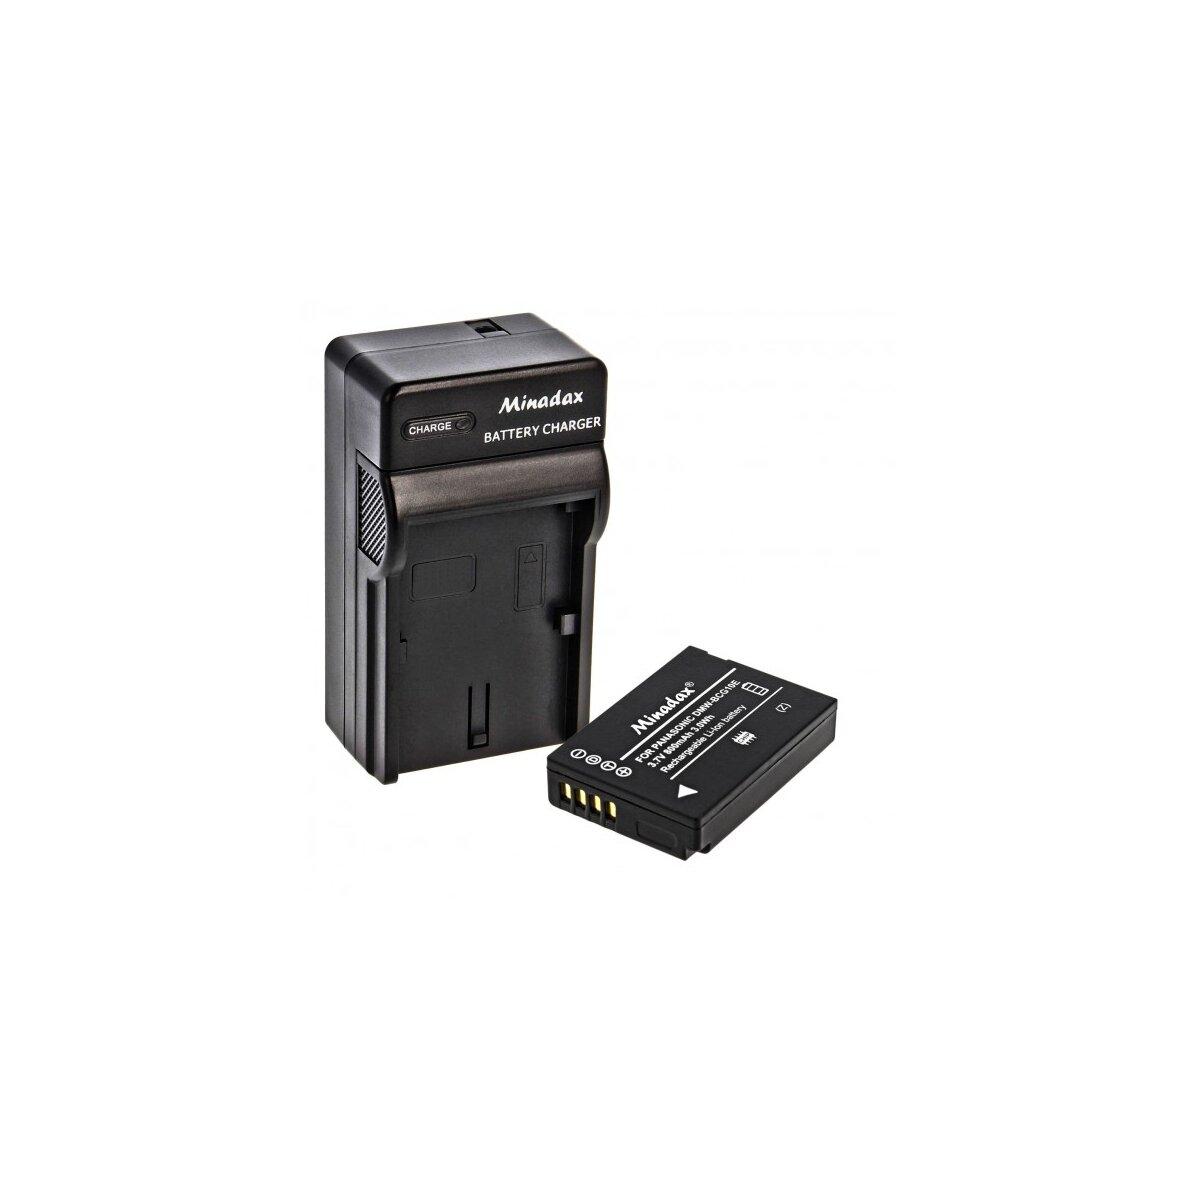 Minadax® Ladegeraet 100% kompatibel fuer Panasonic DMW-BCG10E inkl. Auto Ladekabel, Ladeschale austauschbar + 1x Akku wie DMW-BCG10E